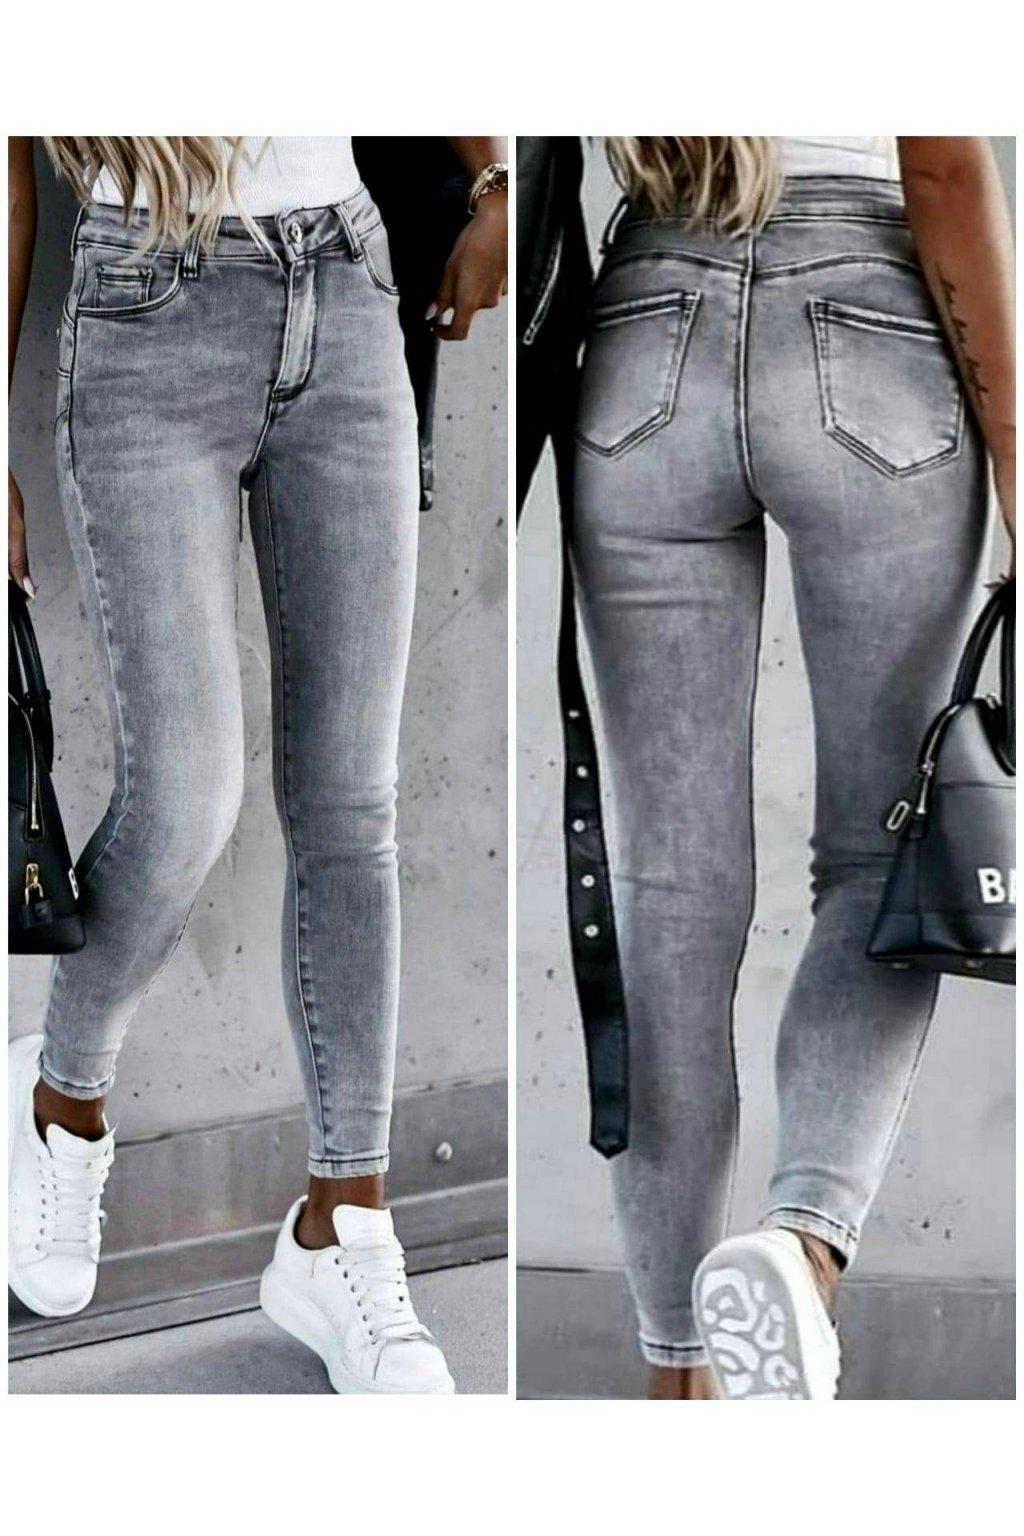 Dámské trendy modní elastické jeansy šedé